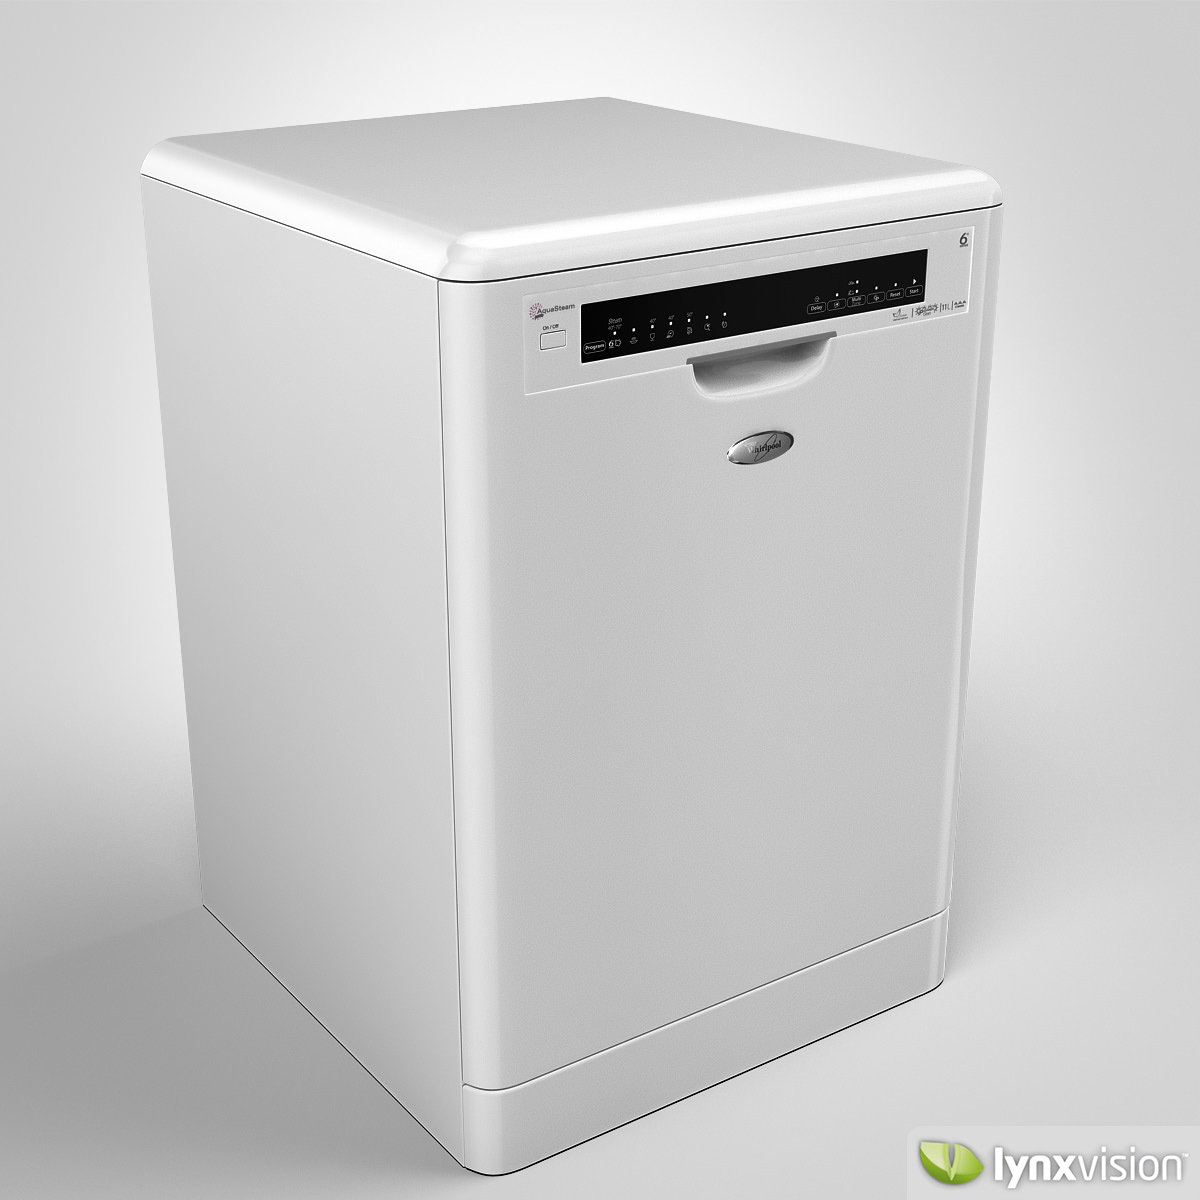 whirlpool dishwasher whirlpool dishwasher 3d model max obj fbx mtl 2